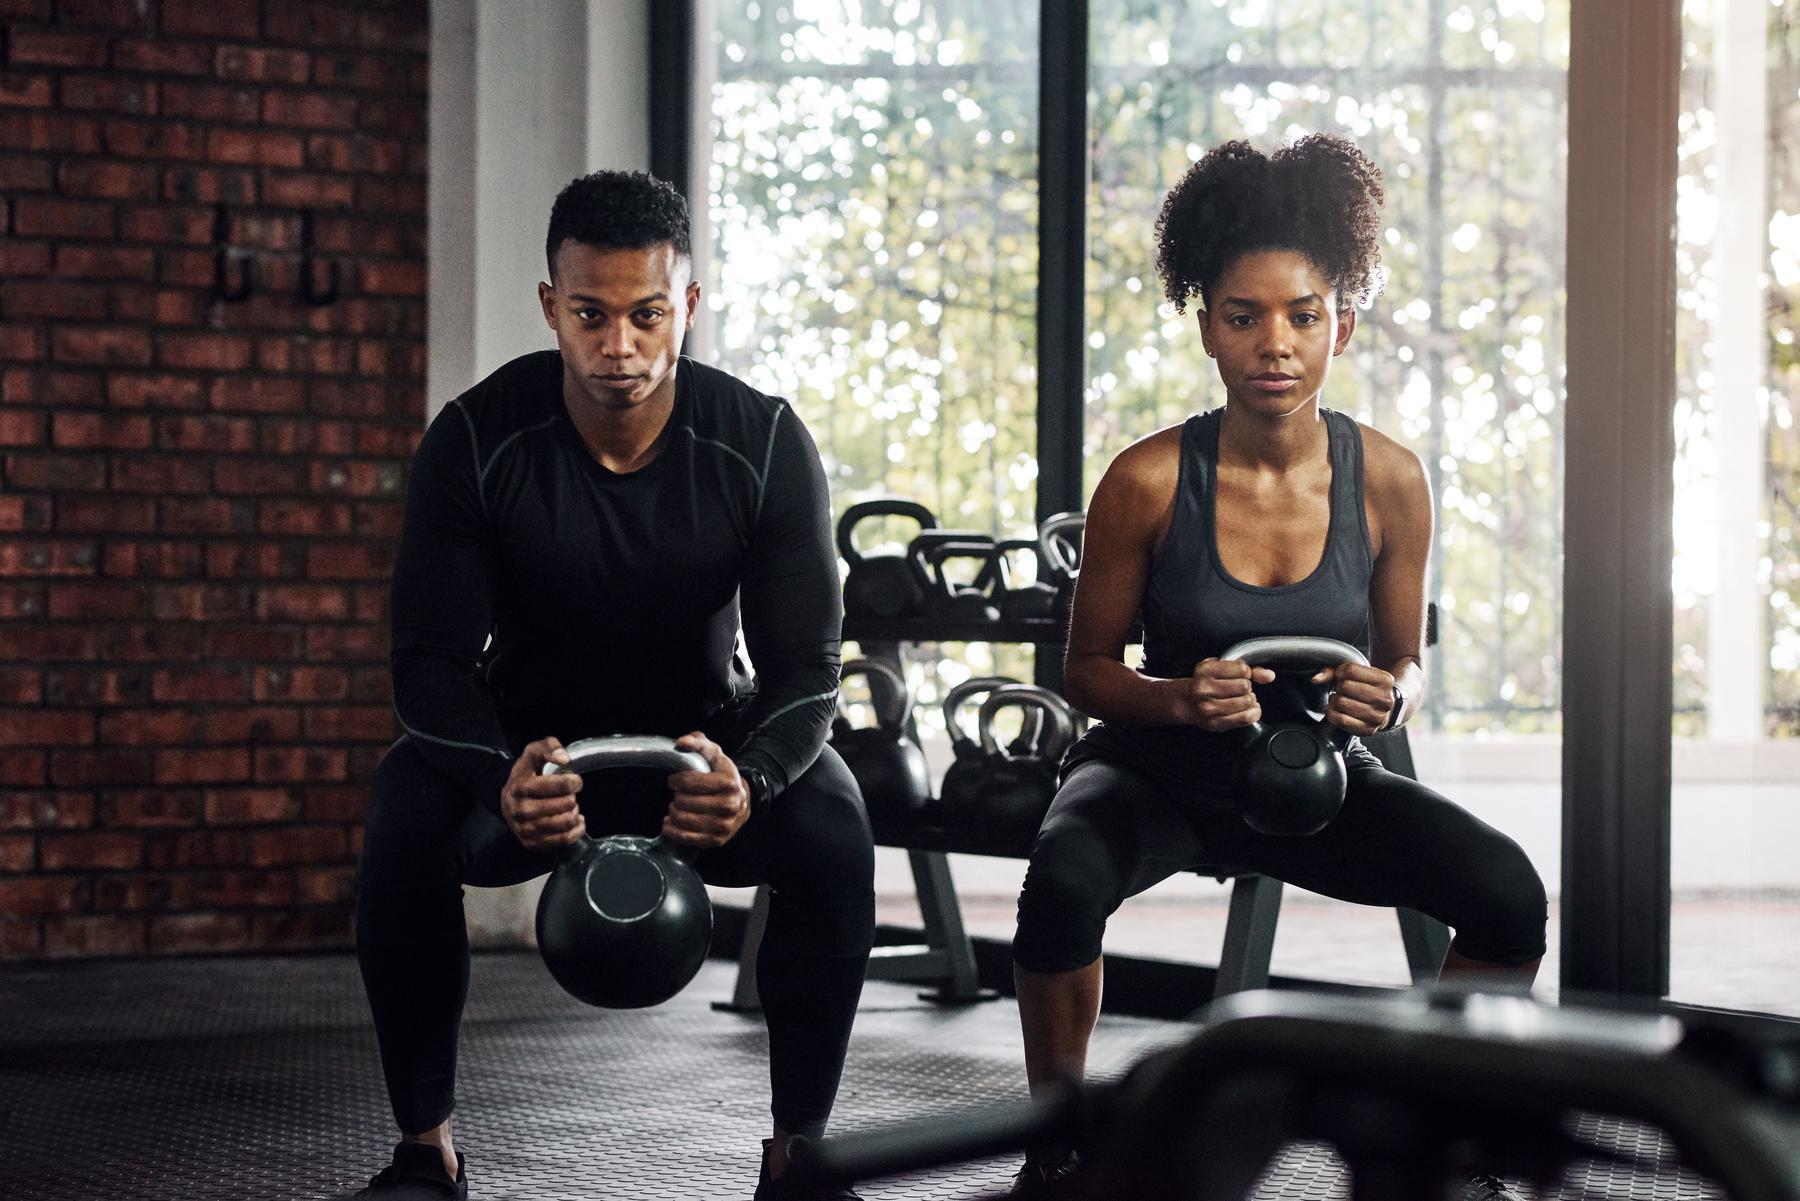 Mali by muži a ženy trénovať rozdielne?